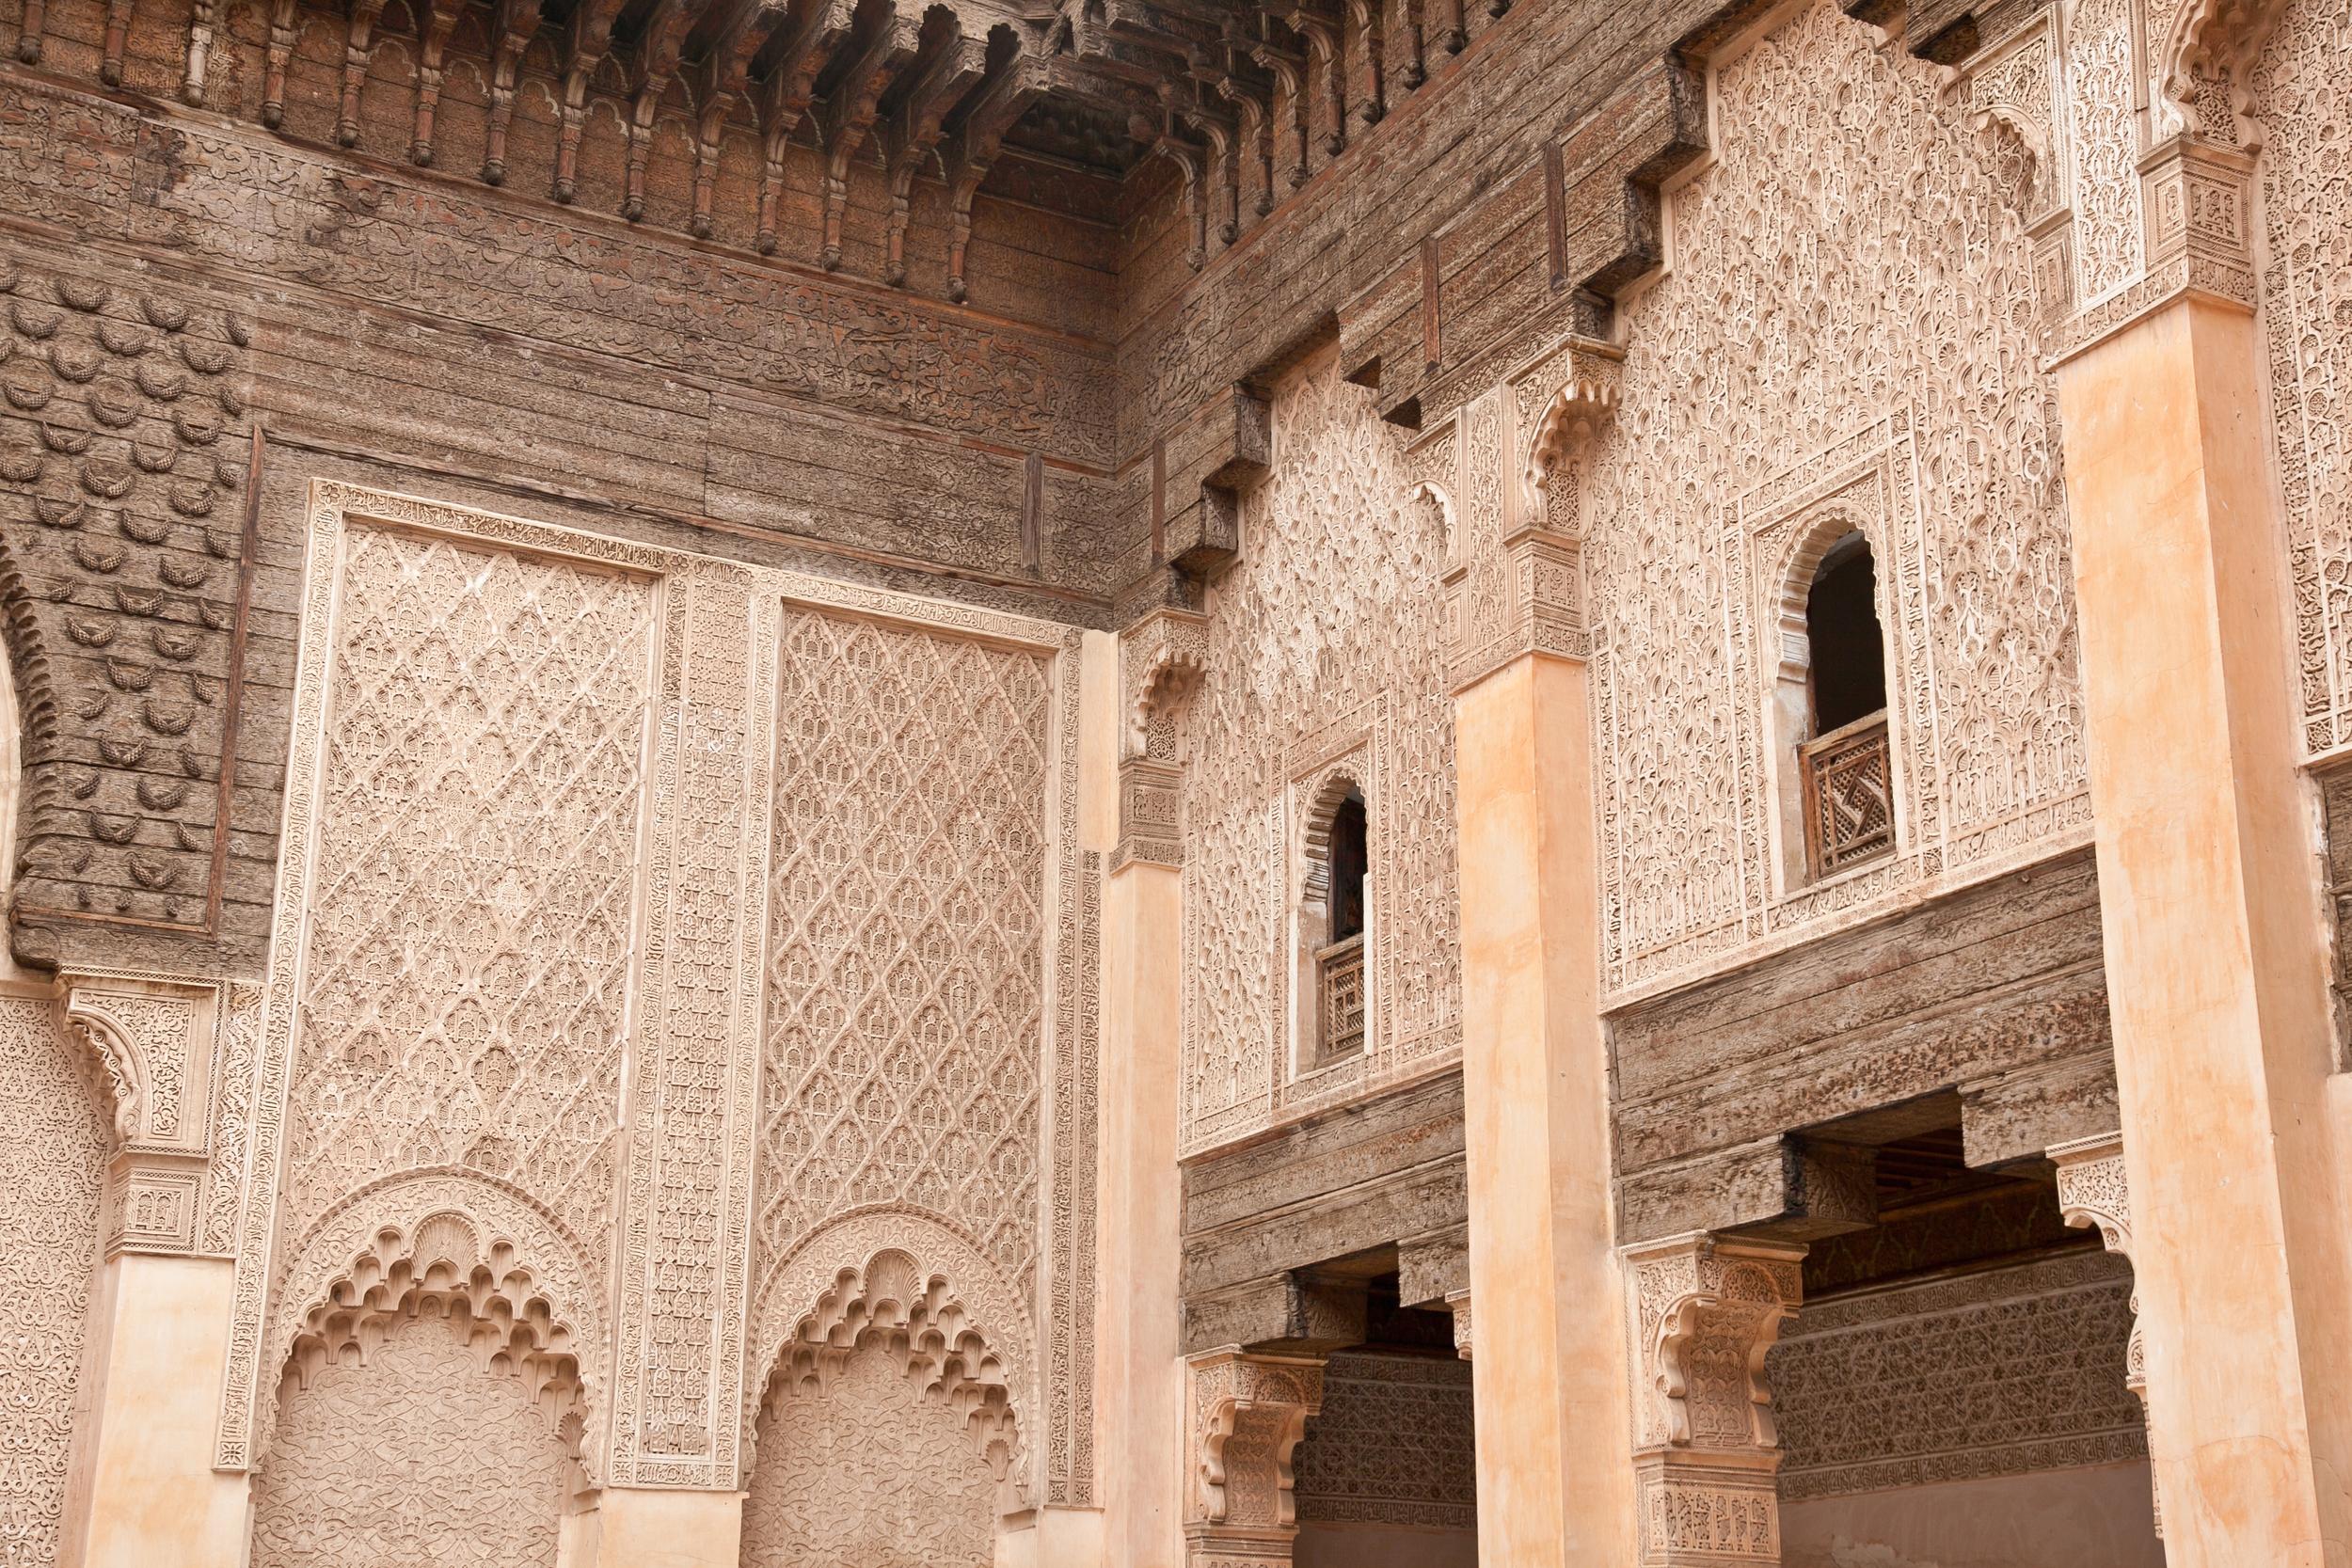 trisa-taro-marrakech-morocco-IMG_2835.jpg